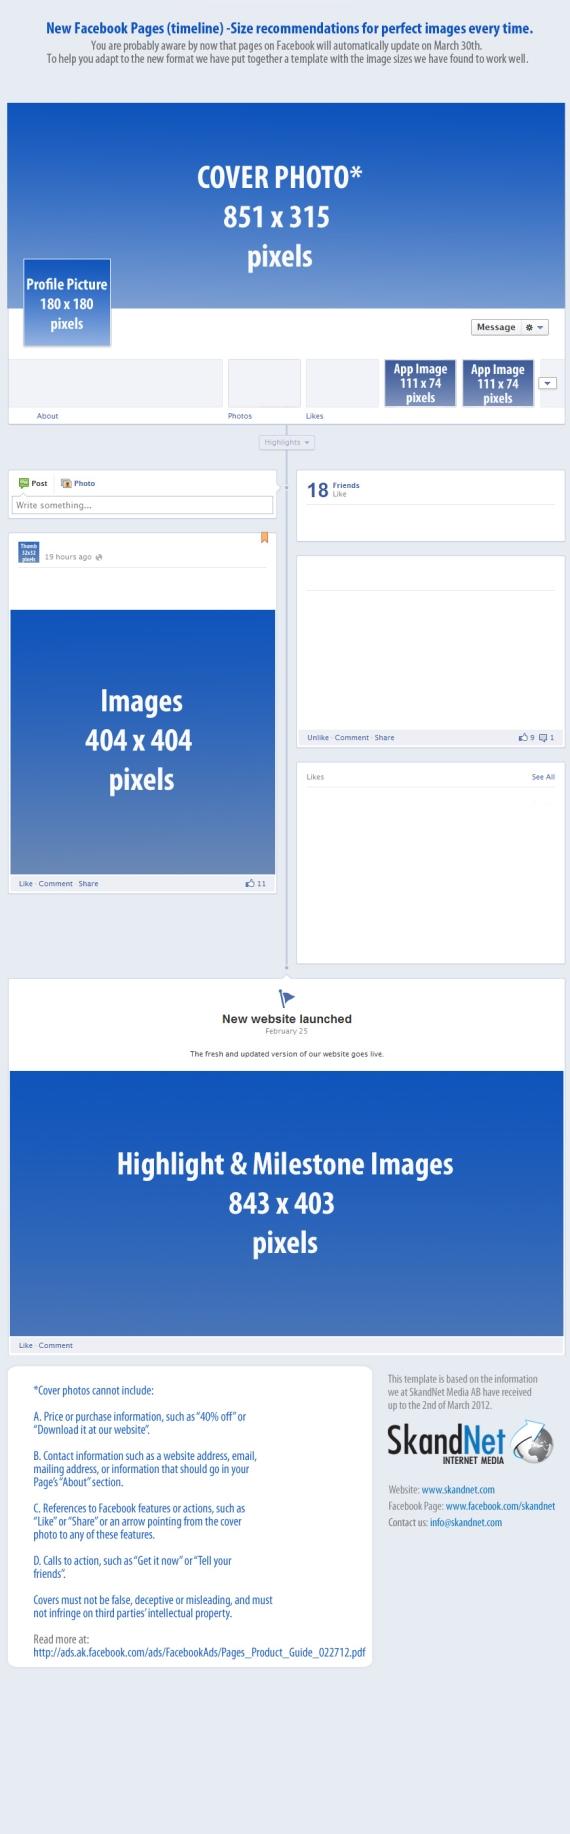 Які картинки потрібно використовувати у Facebook Timeline для брендів?